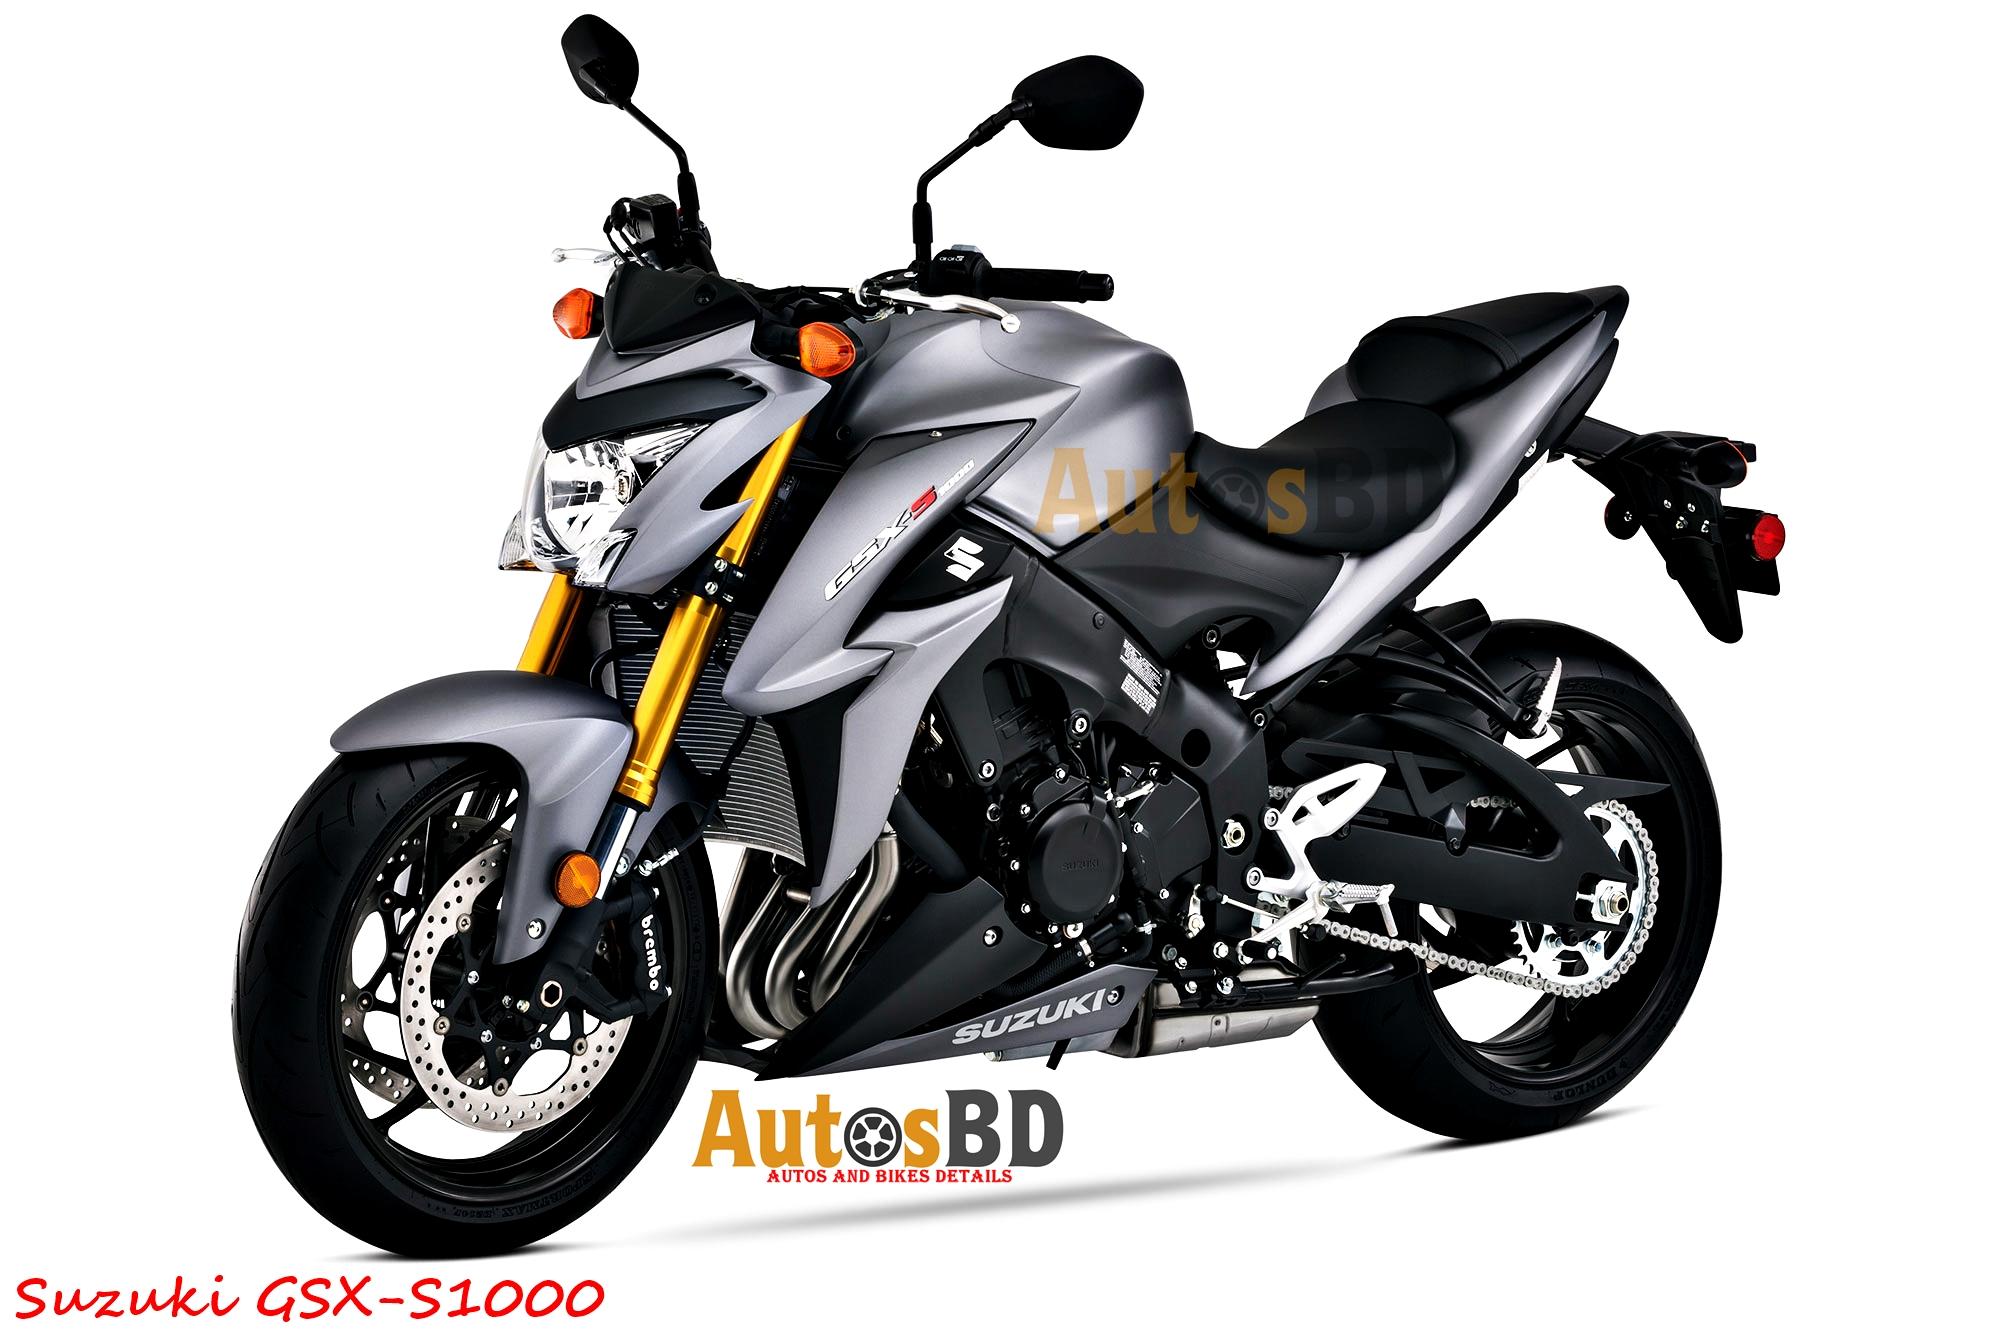 Suzuki GSX-S1000 Motorcycle Specification